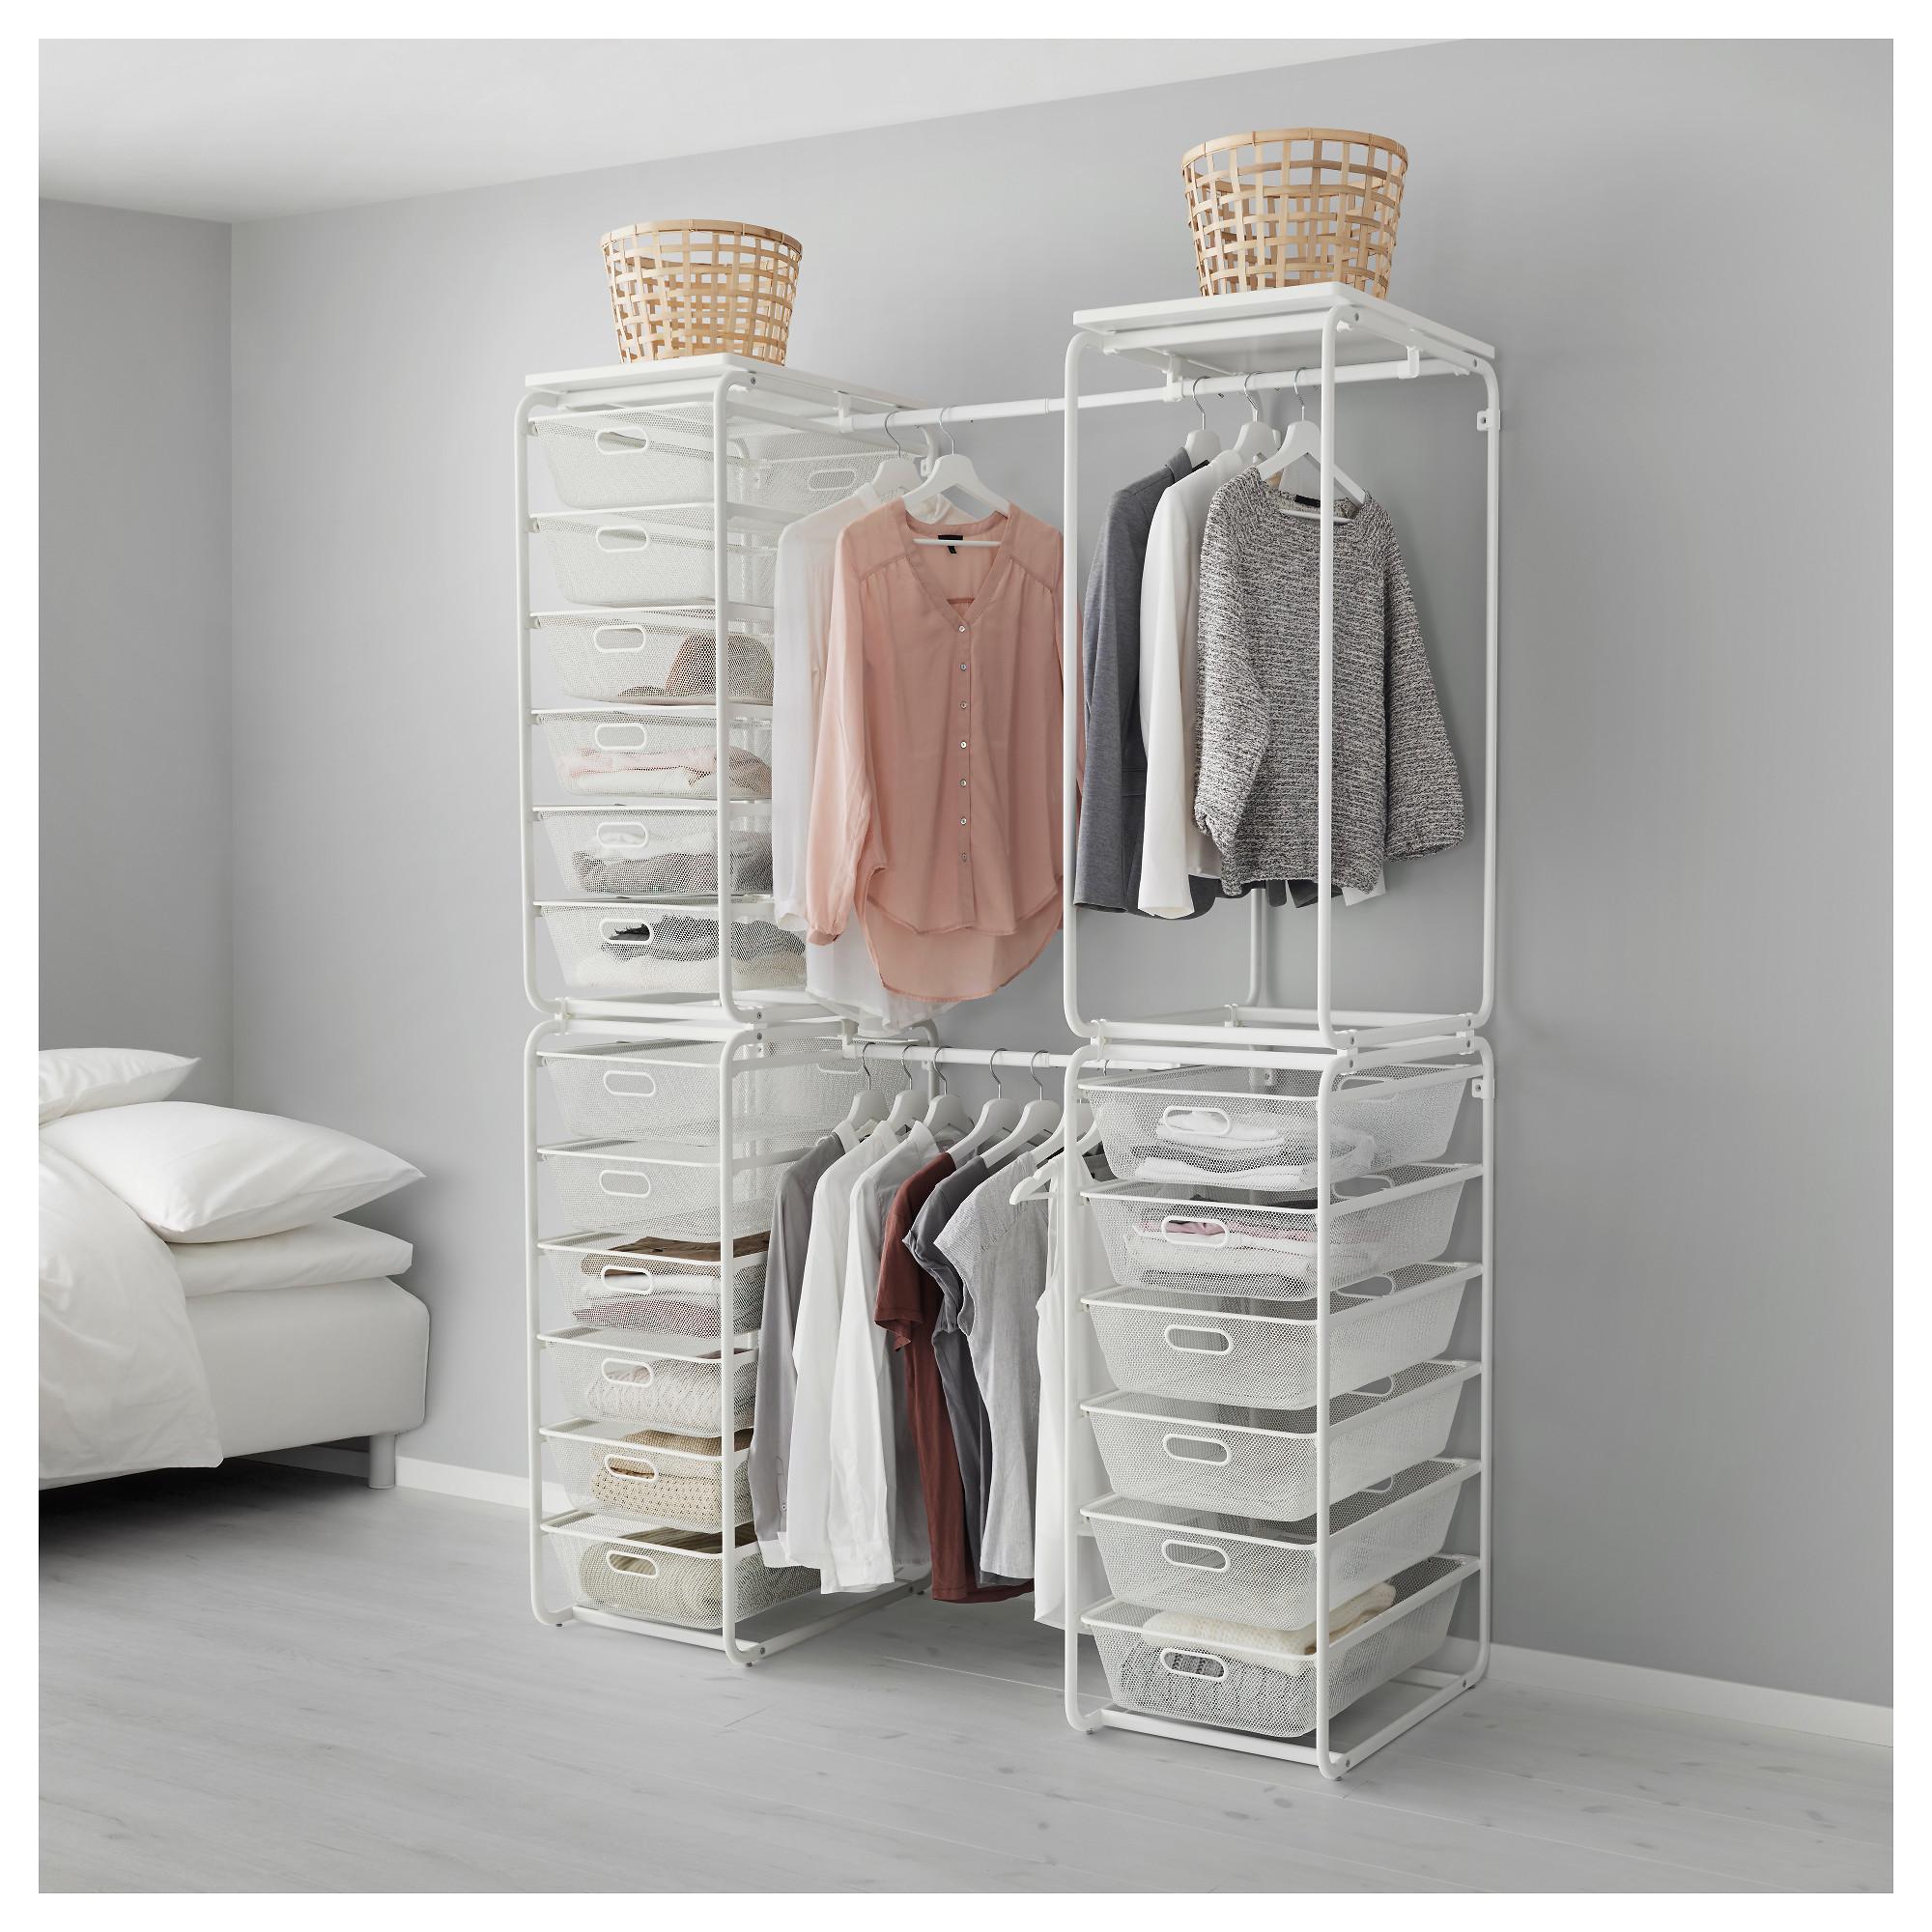 Рама + штанга, сетчатые корзин, верх полка АЛЬГОТ белый артикуль № 192.763.86 в наличии. Онлайн магазин IKEA РБ. Недорогая доставка и монтаж.